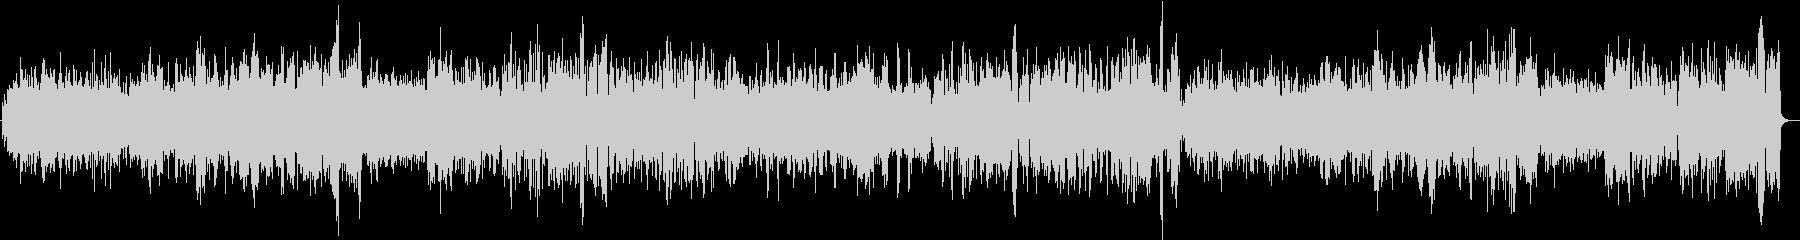 バッハ クラシック パイプオルガン 2の未再生の波形